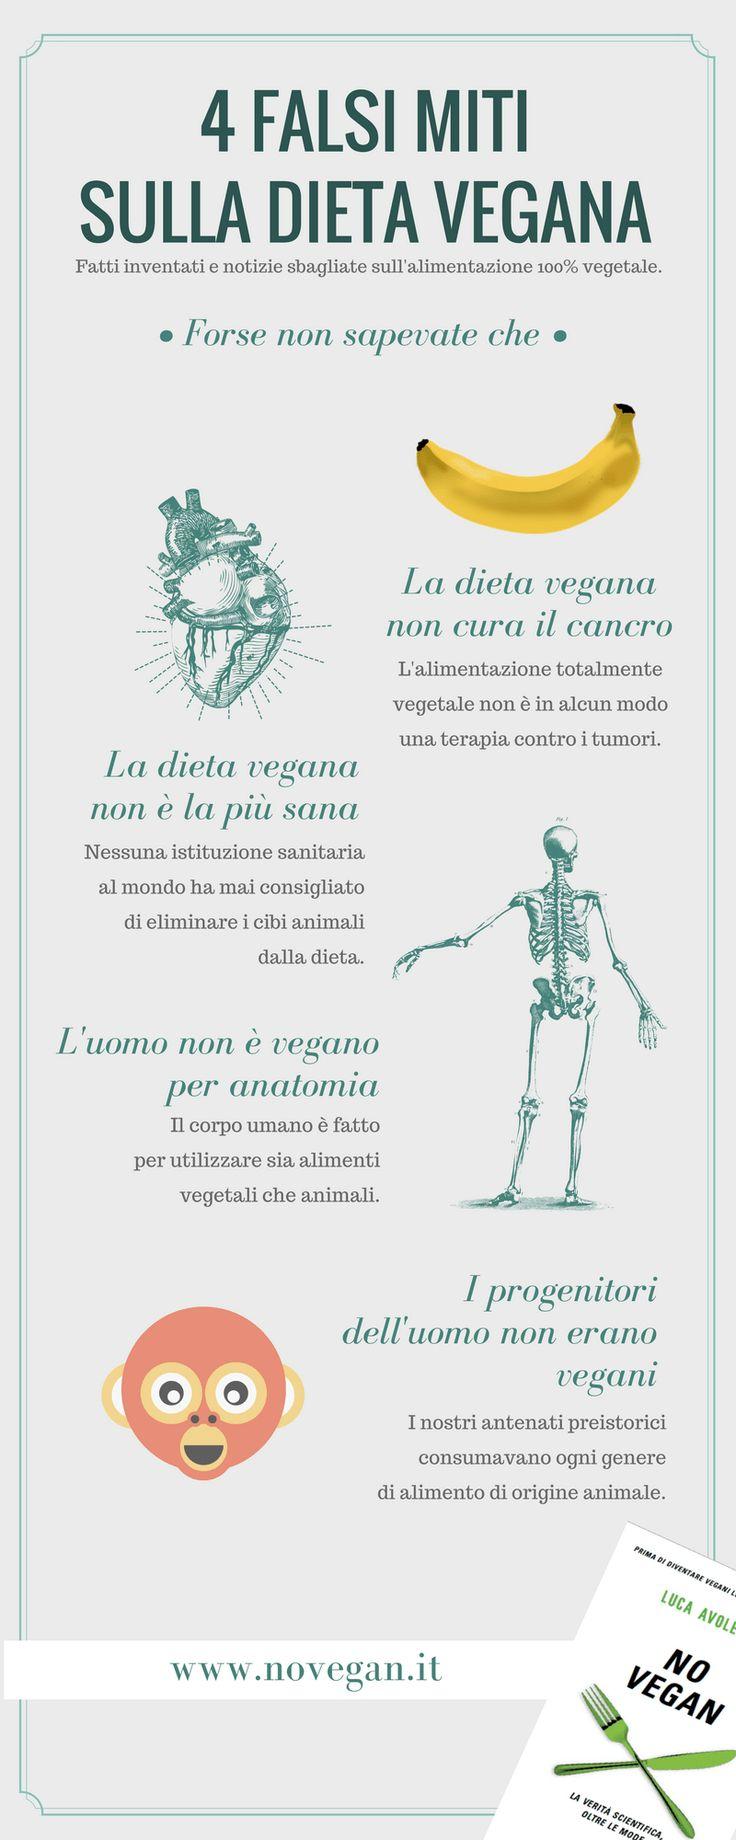 Un'infografica con 4 delle principali bufale che circolano sulla dieta vegana. Sono approfondite nel libro No Vegan di Luca Avoledo (Sperling & Kupfer).